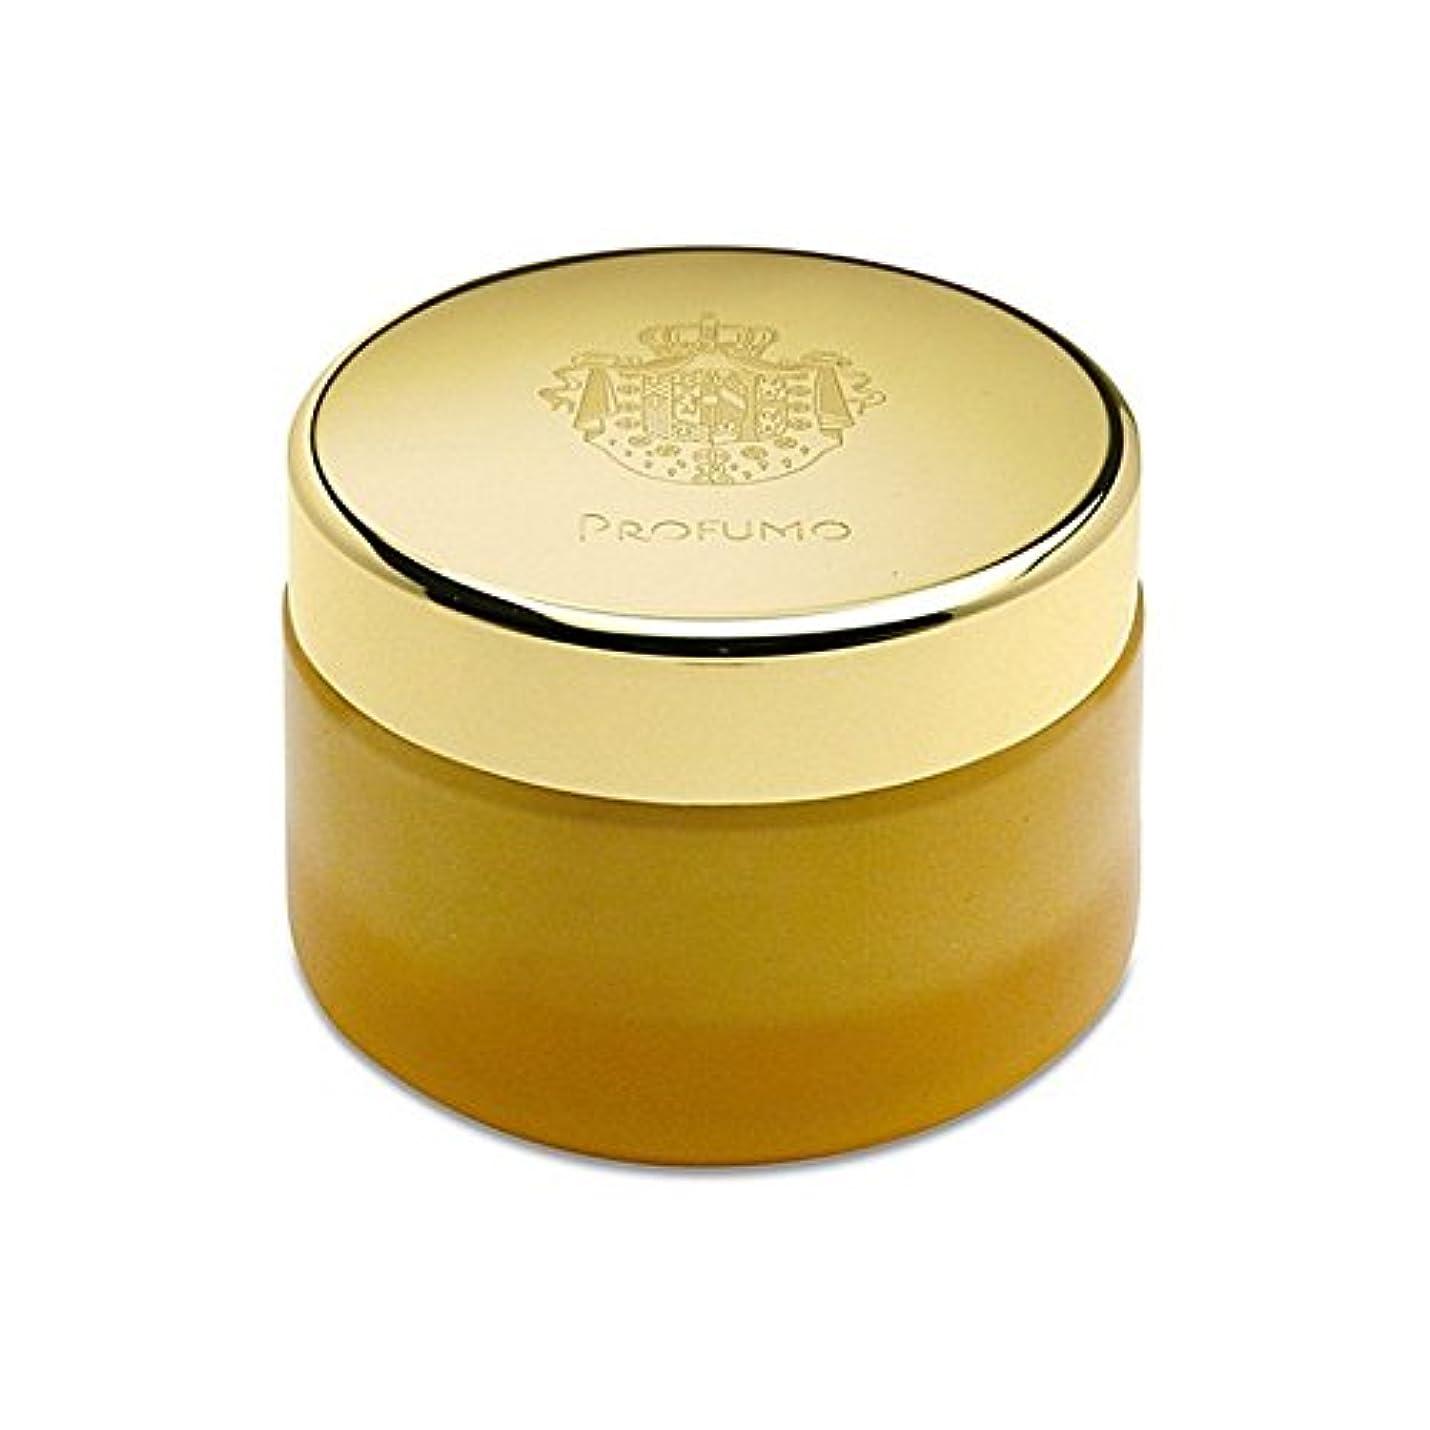 接辞多様な樹木アクアディパルマボディクリーム200ミリリットル x2 - Acqua Di Parma Profumo Body Cream 200ml (Pack of 2) [並行輸入品]